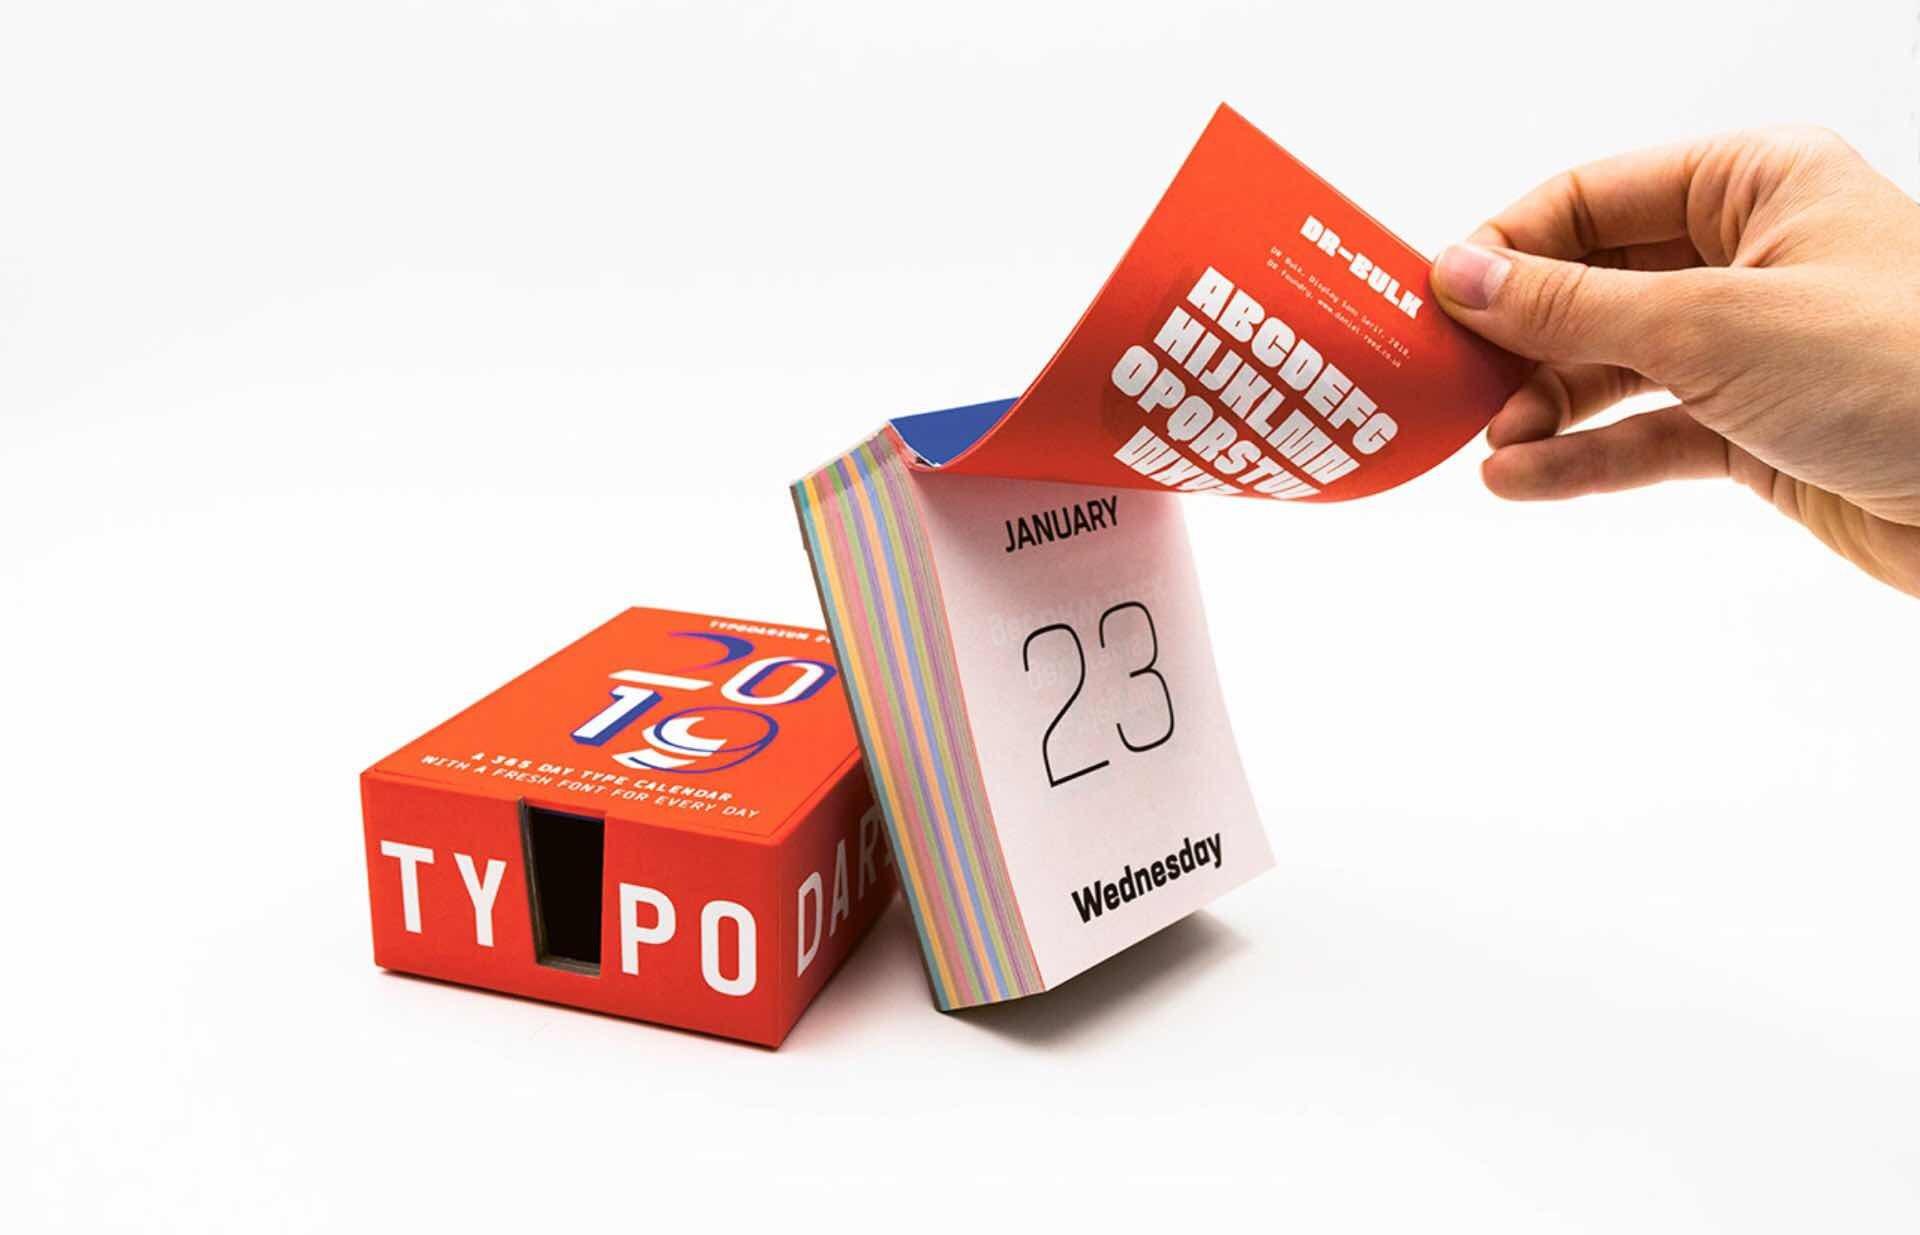 typodarium-calendar-2019